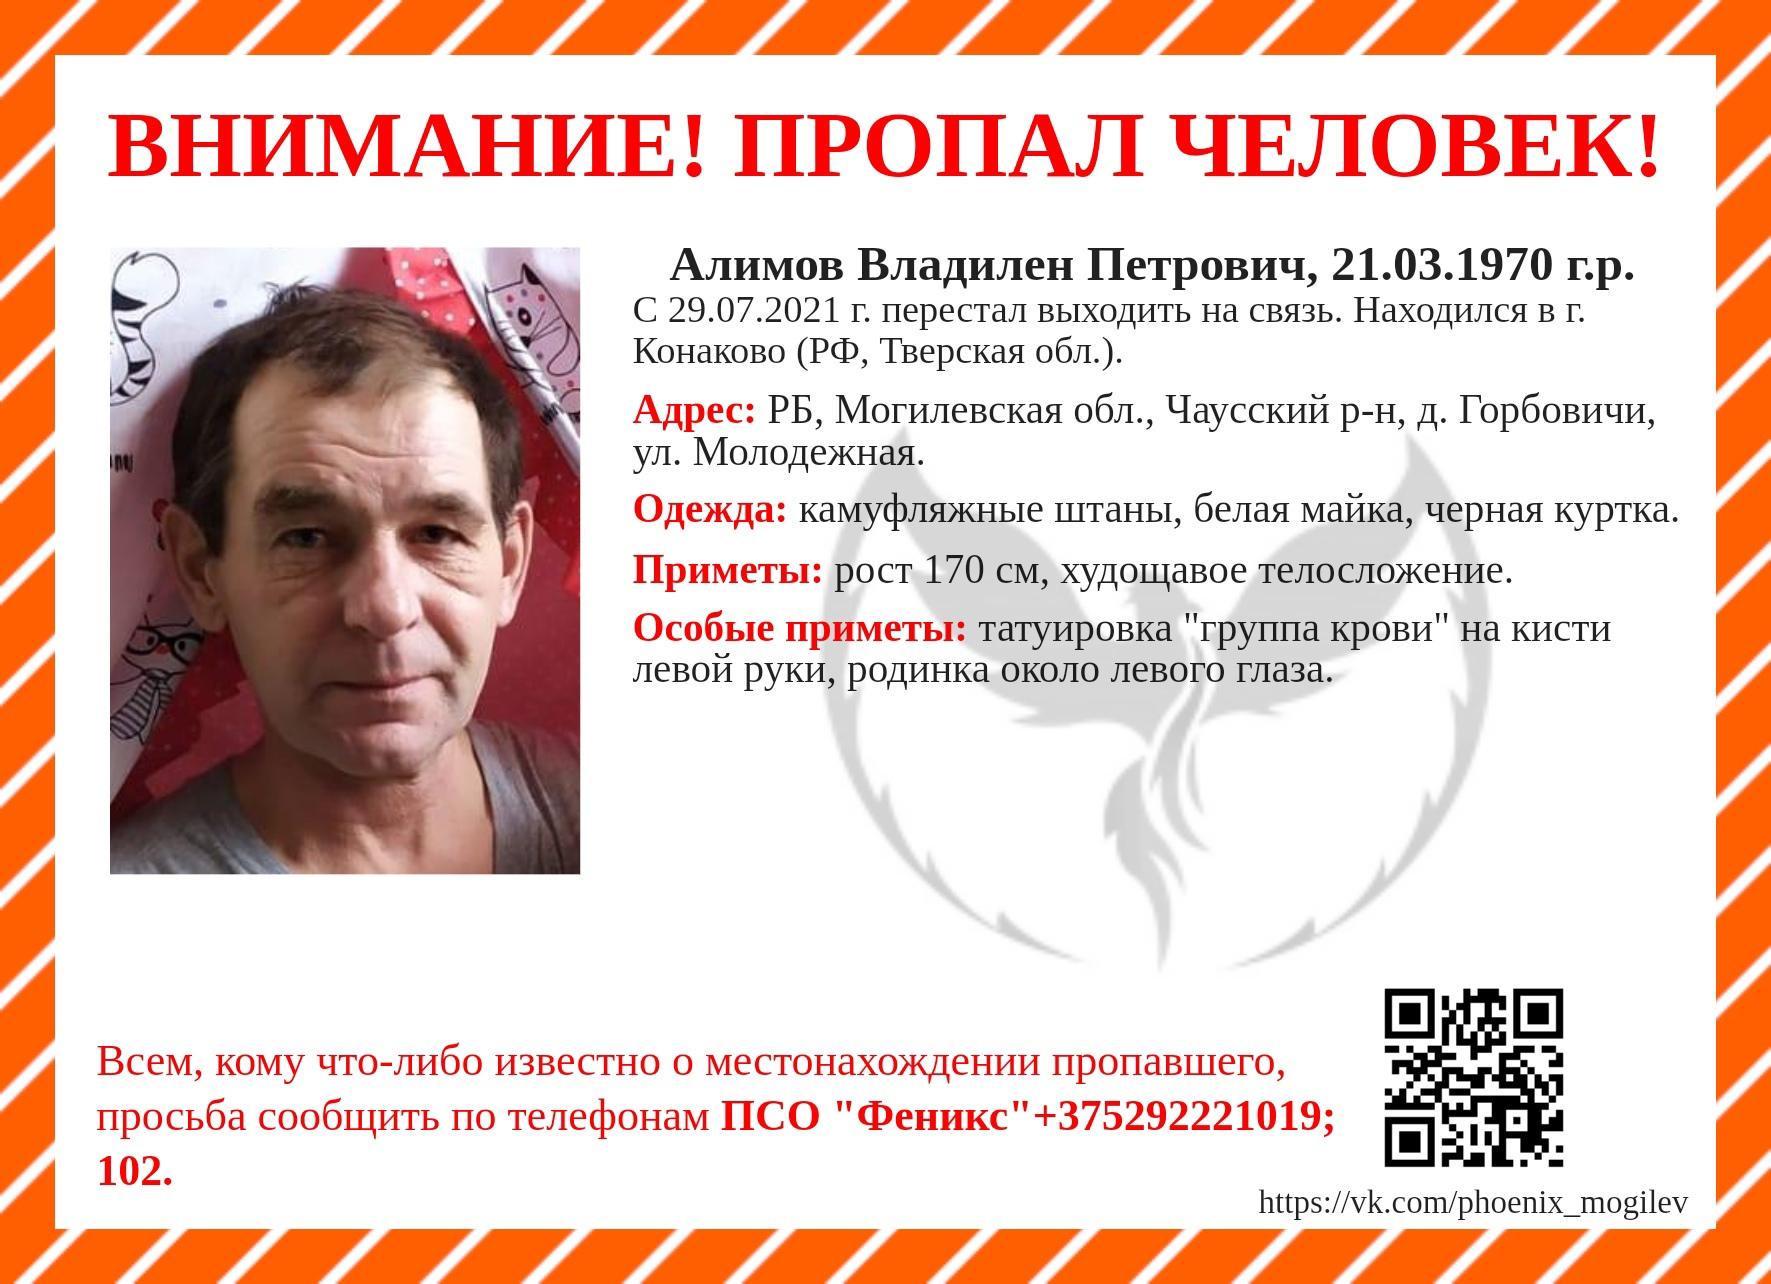 В Тверской области пропал мужчина из Белоруссии